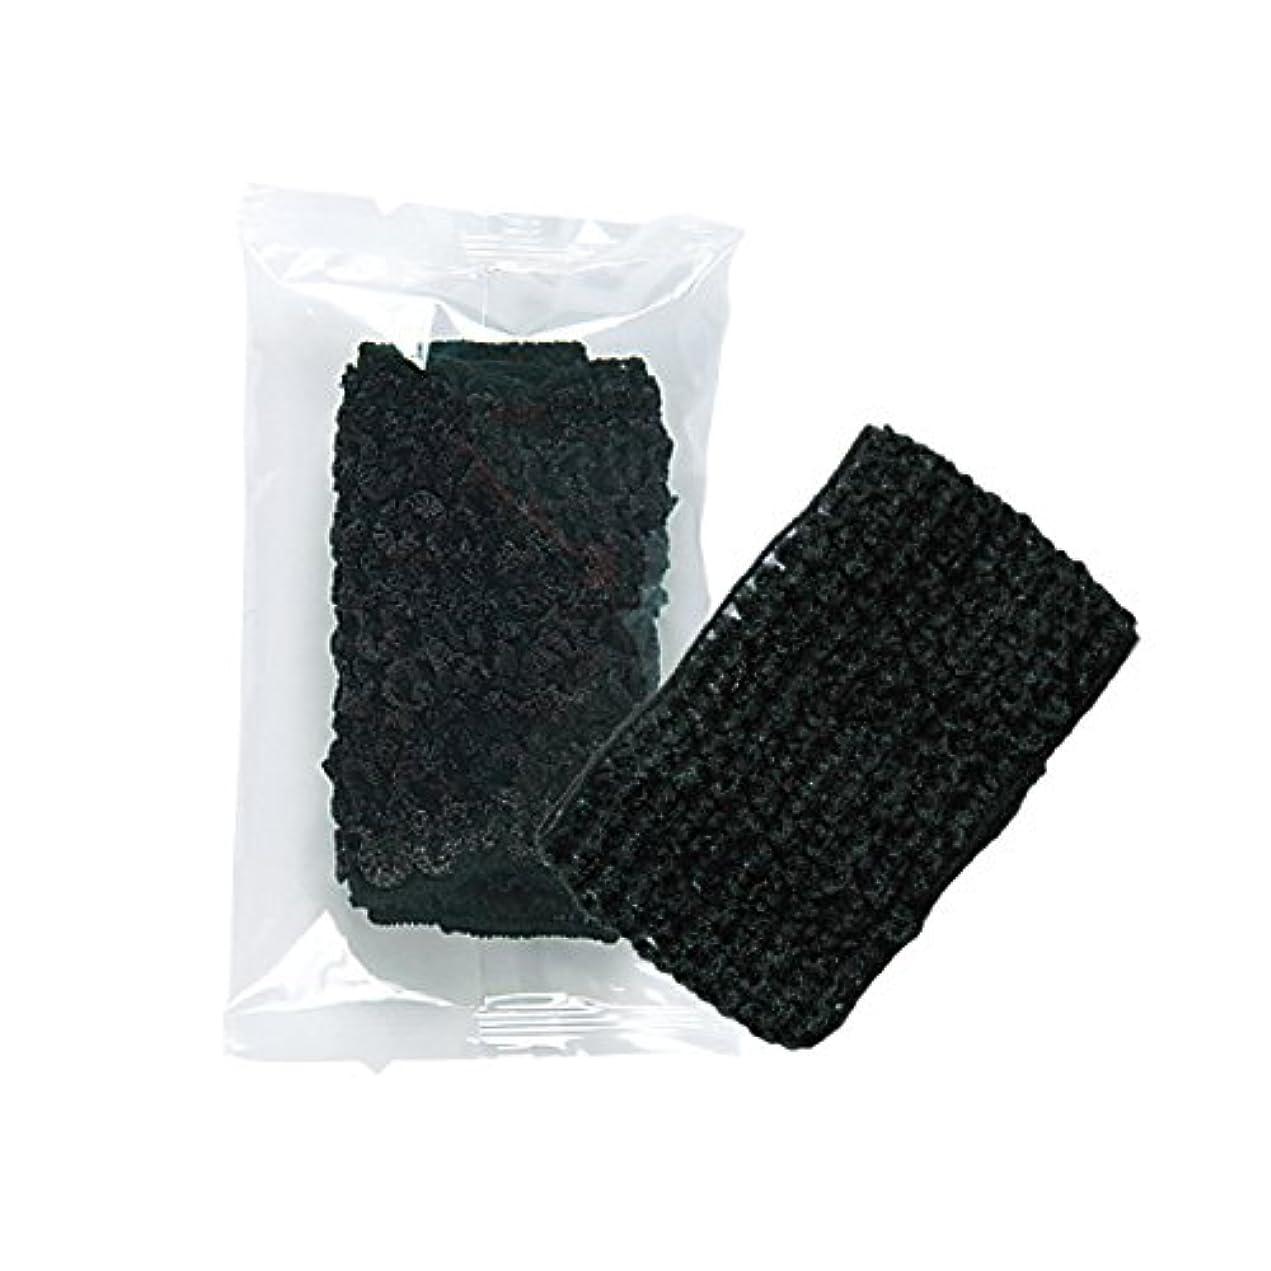 支出残忍な外出ホテル業務用 ヘアネット(黒)OP袋 100個